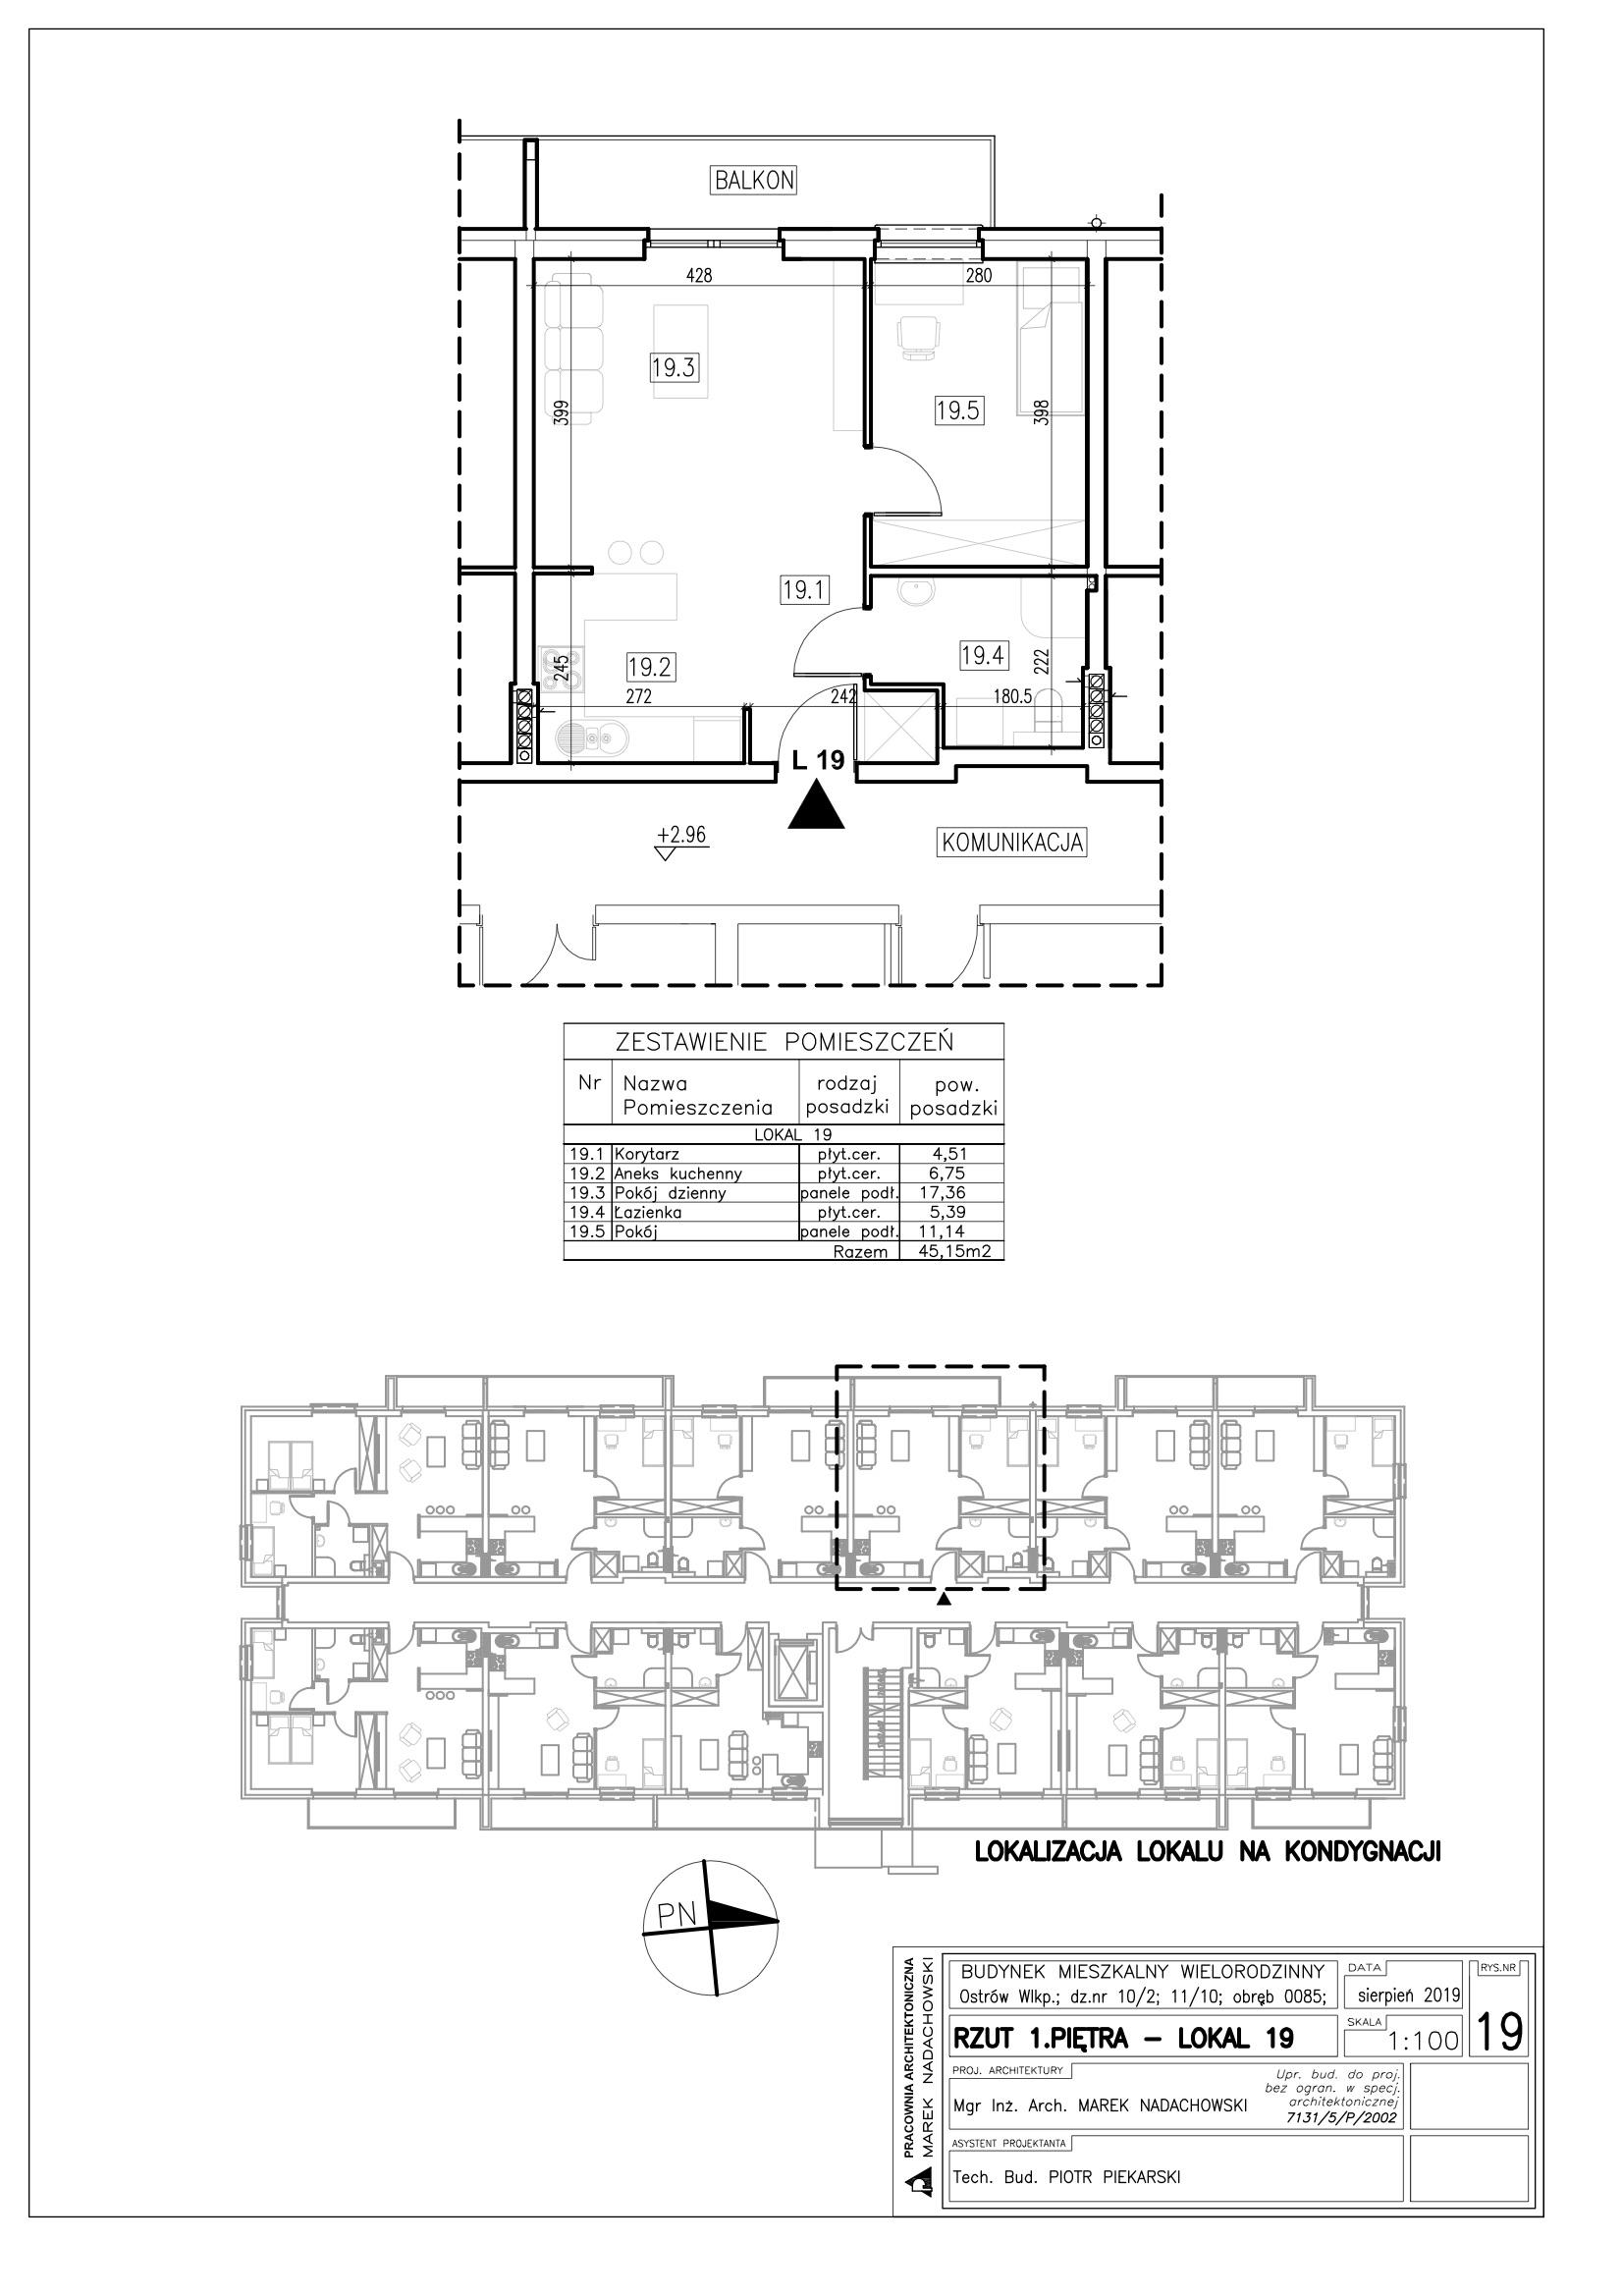 Lokal nr 19 powierzchnia 45,15m2